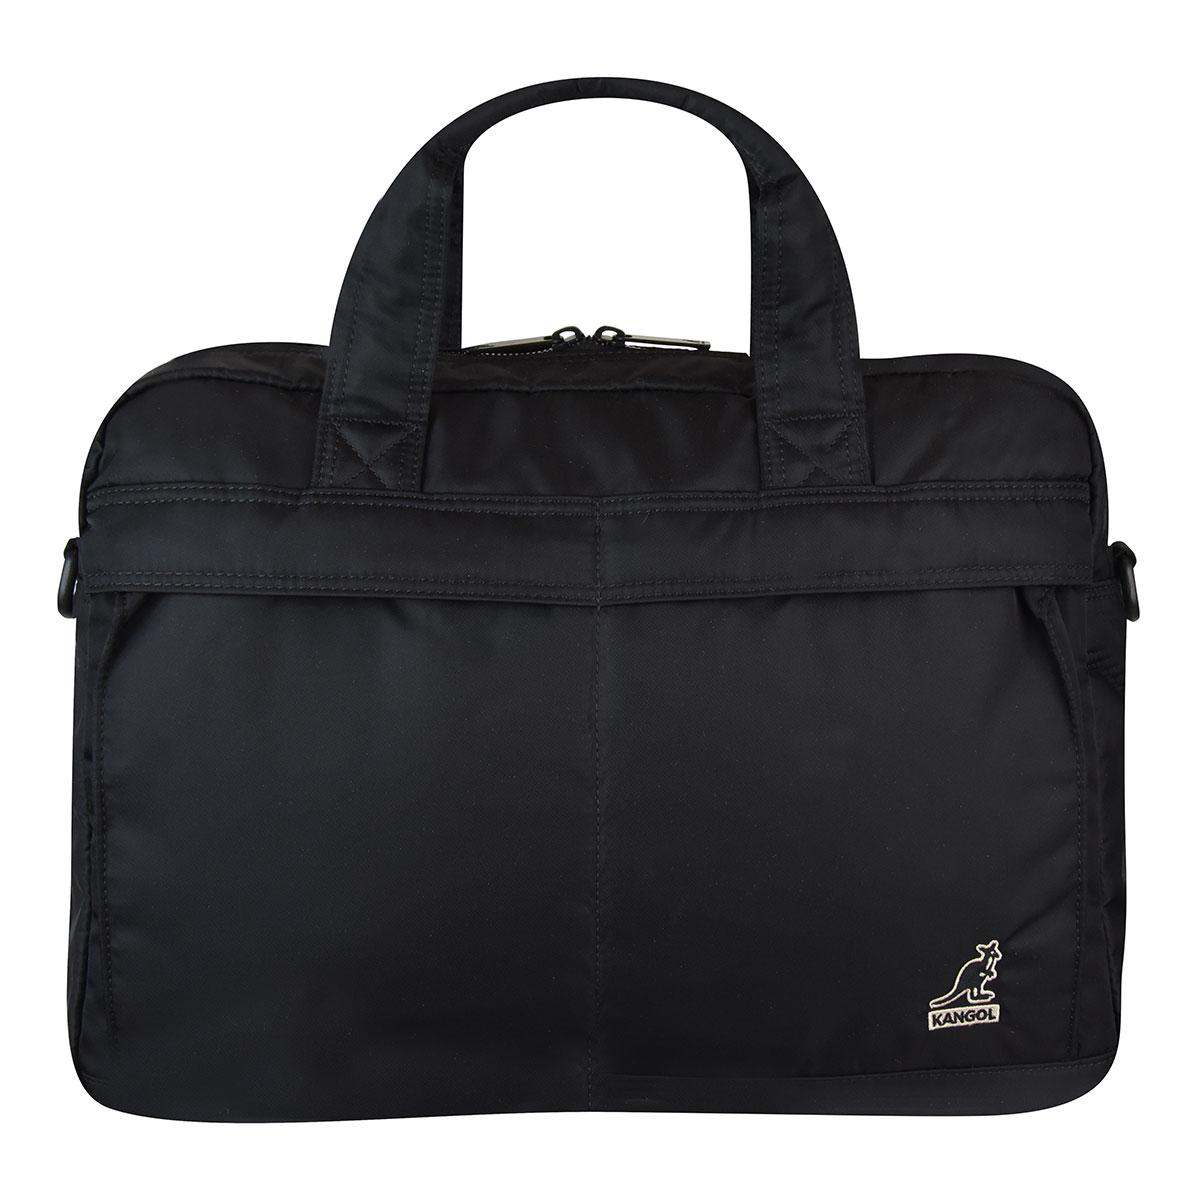 Kangol Aero Bag in Black